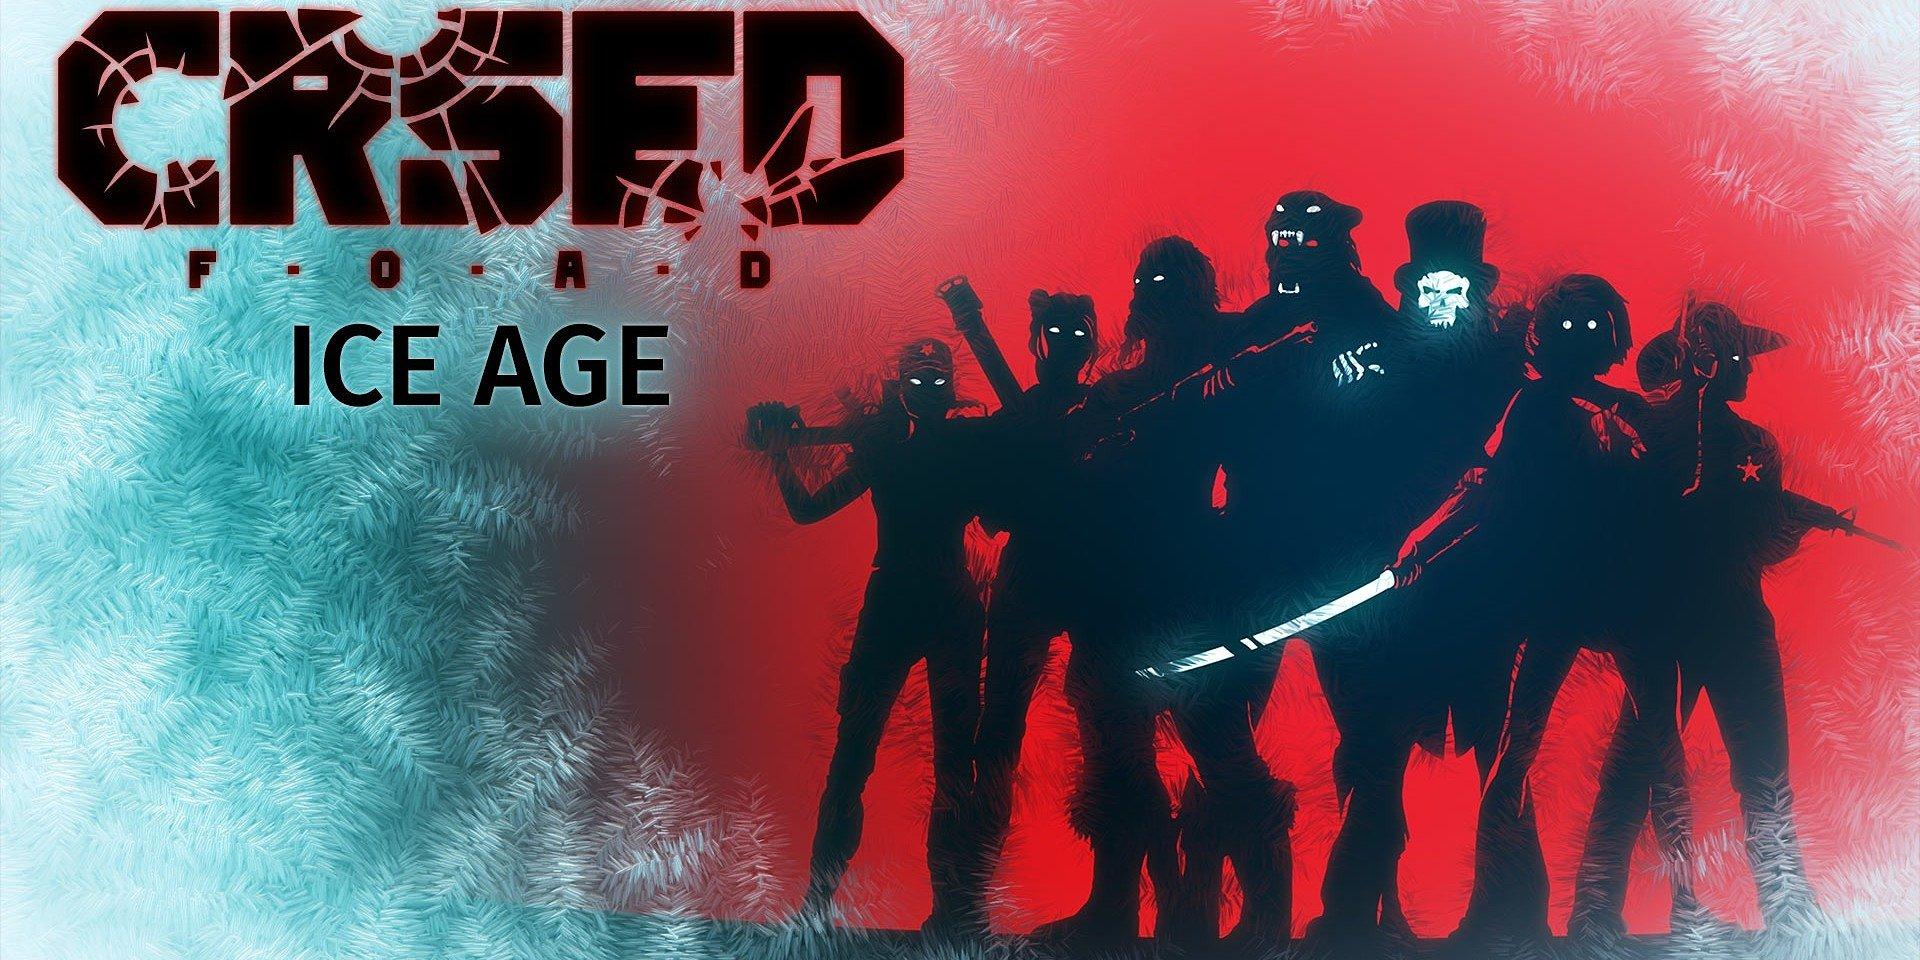 CRSED: F.O.A.D. Iba oheň môže poraziť búrku!